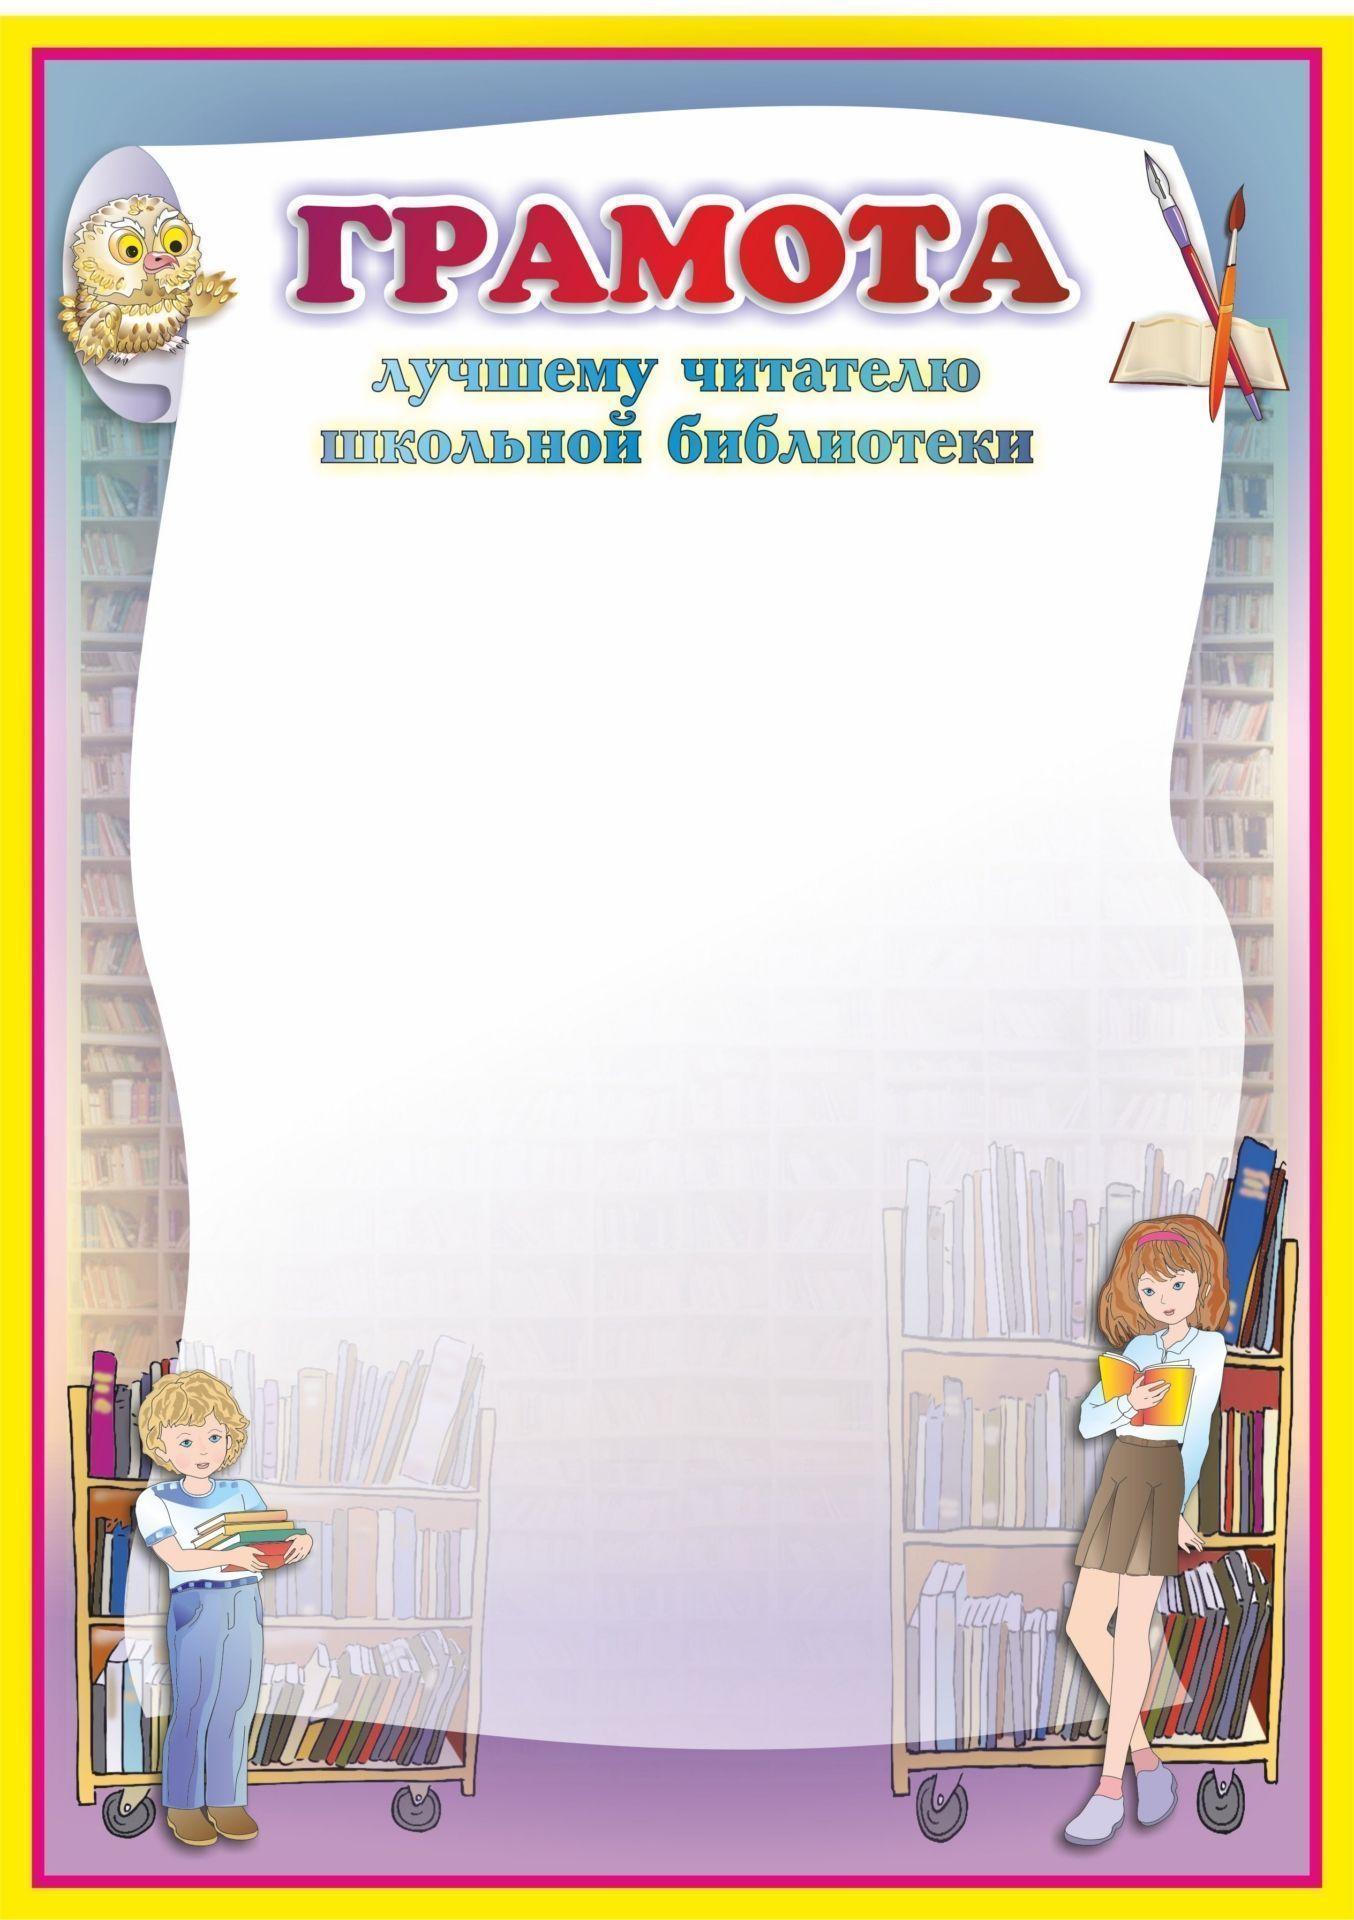 Грамота лучшему читателю школьной библиотекиУчащимся<br>Материалы:иллюстрации - бумага мелованная, пл. 250.00.<br><br>Год: 2017<br>Высота: 297<br>Ширина: 210